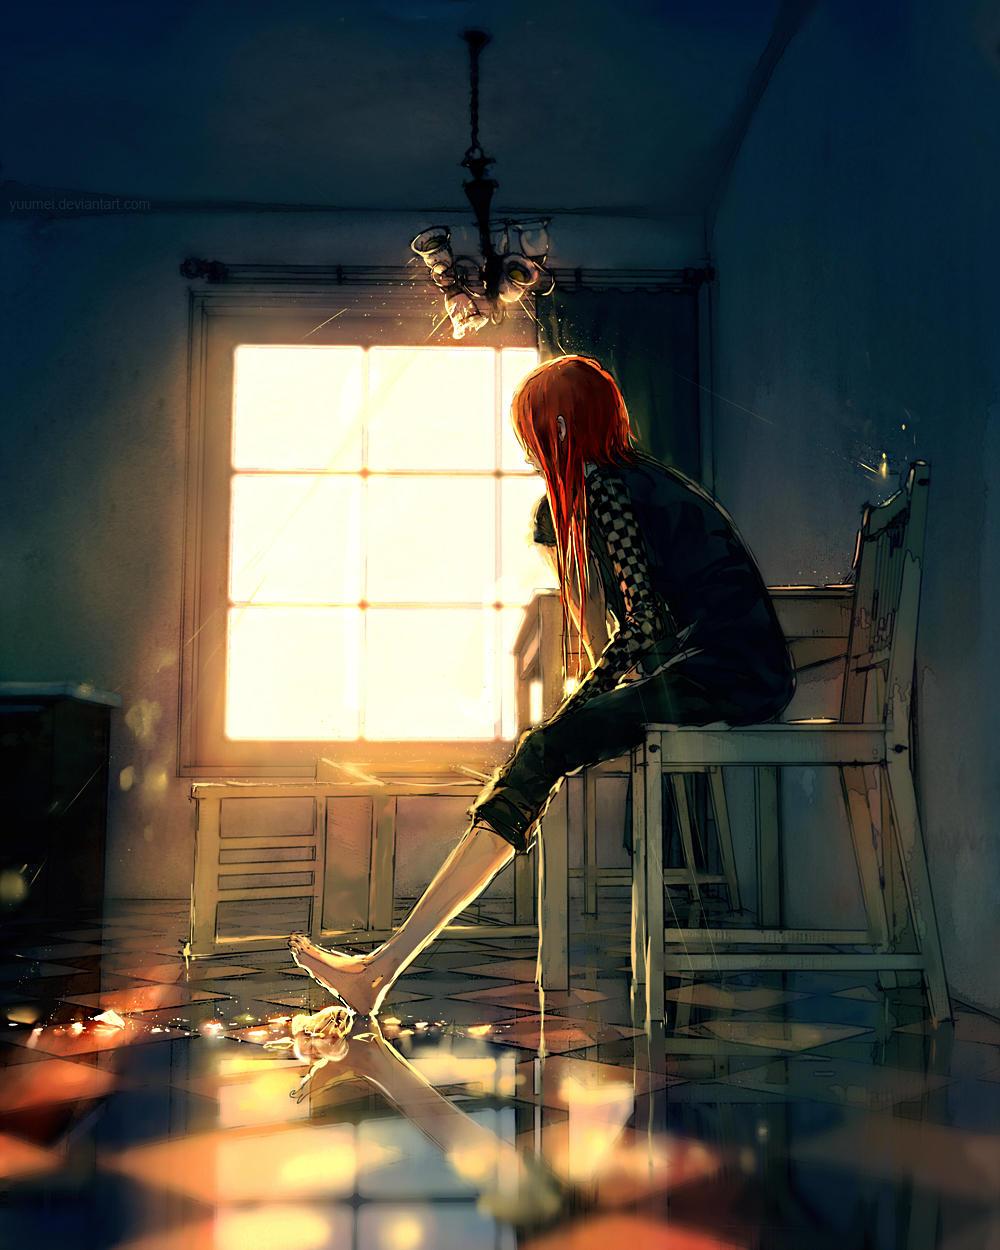 Leave it Broken by yuumei